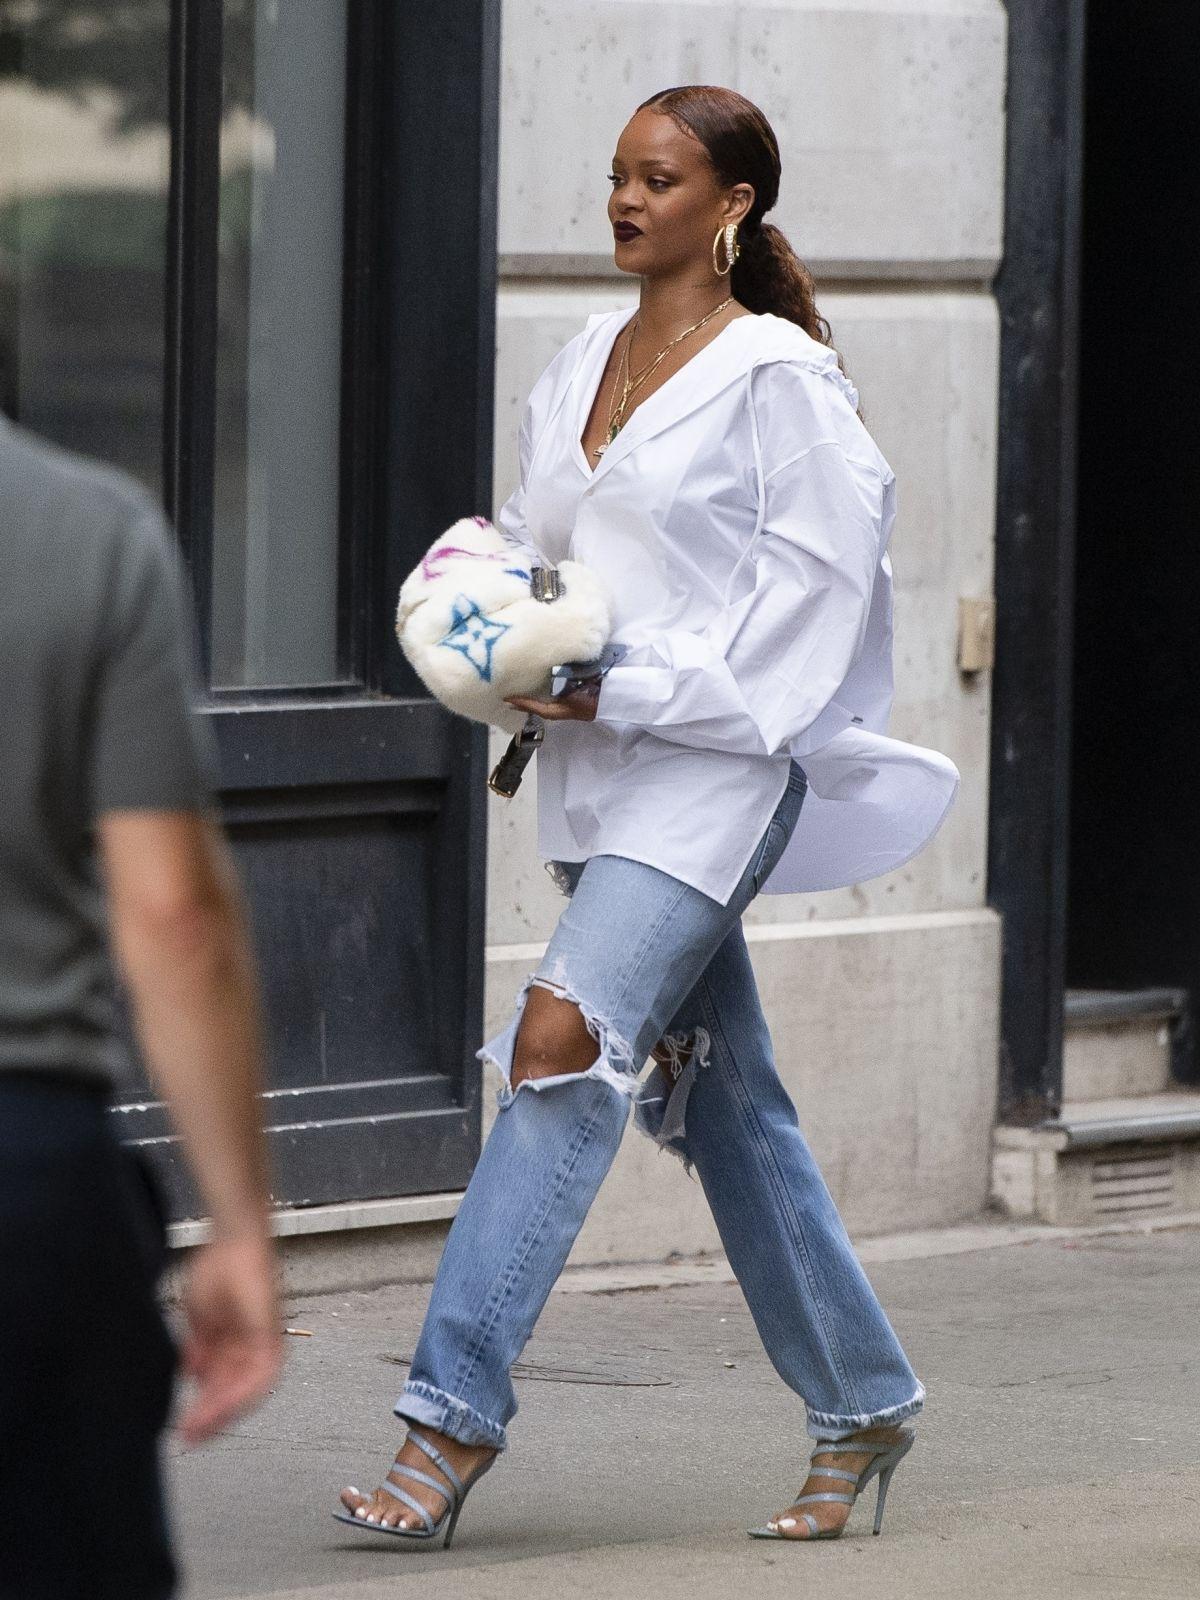 cách phối đồ của rihanna với jeans ống rộng và áo sơ mi trắng